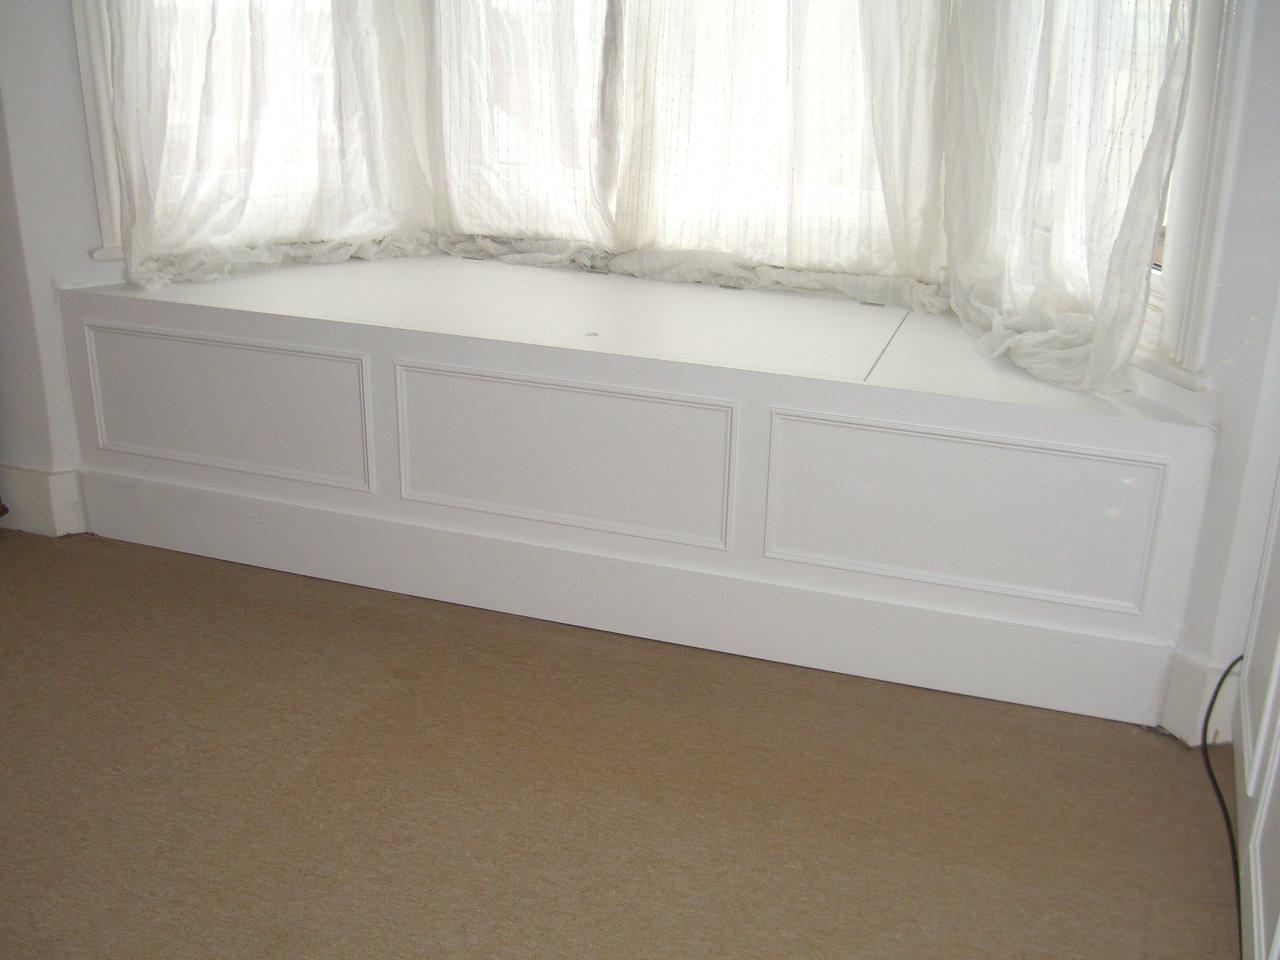 Window Bed Storage Unit